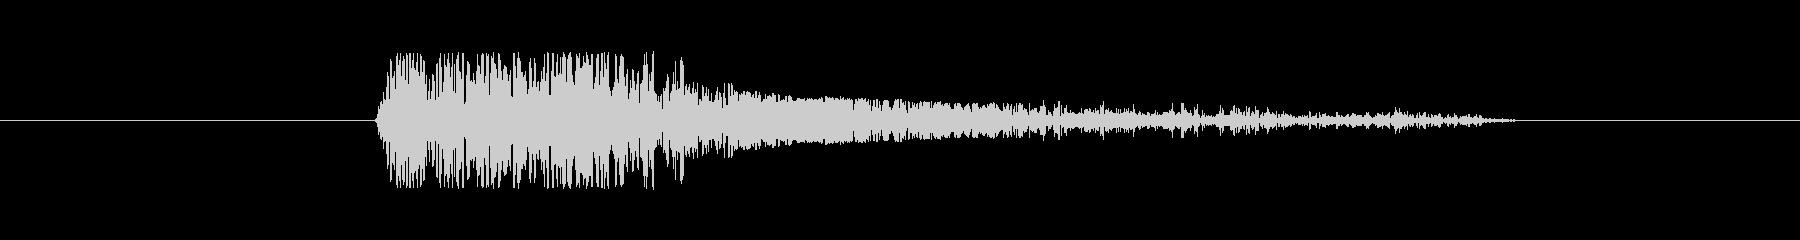 FX・SE/ガン/銃/重い/バン/大口径の未再生の波形